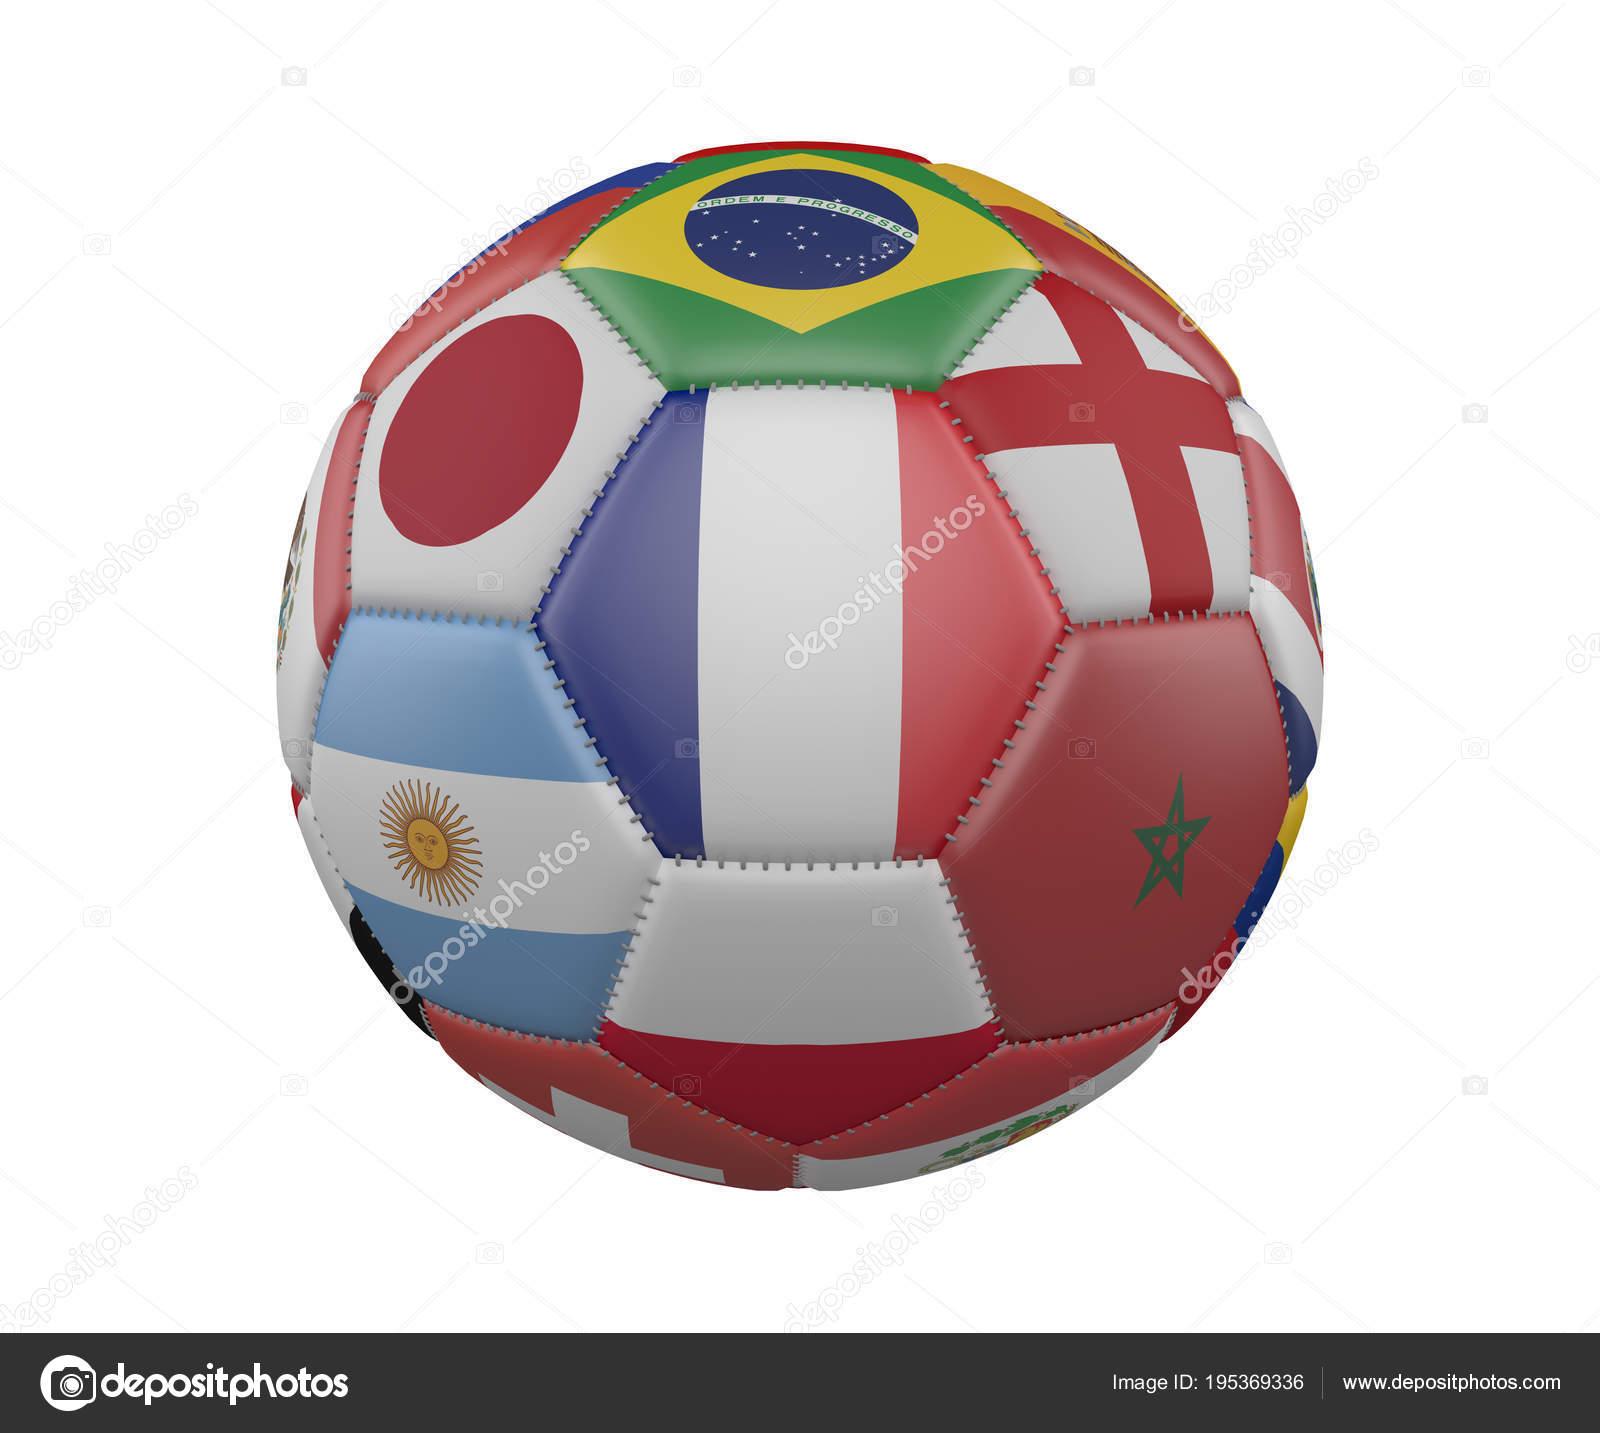 Футбольный мяч с флагами, изолированные на белом фоне, Франция в центре, 3d  визуализация c2a6be08293